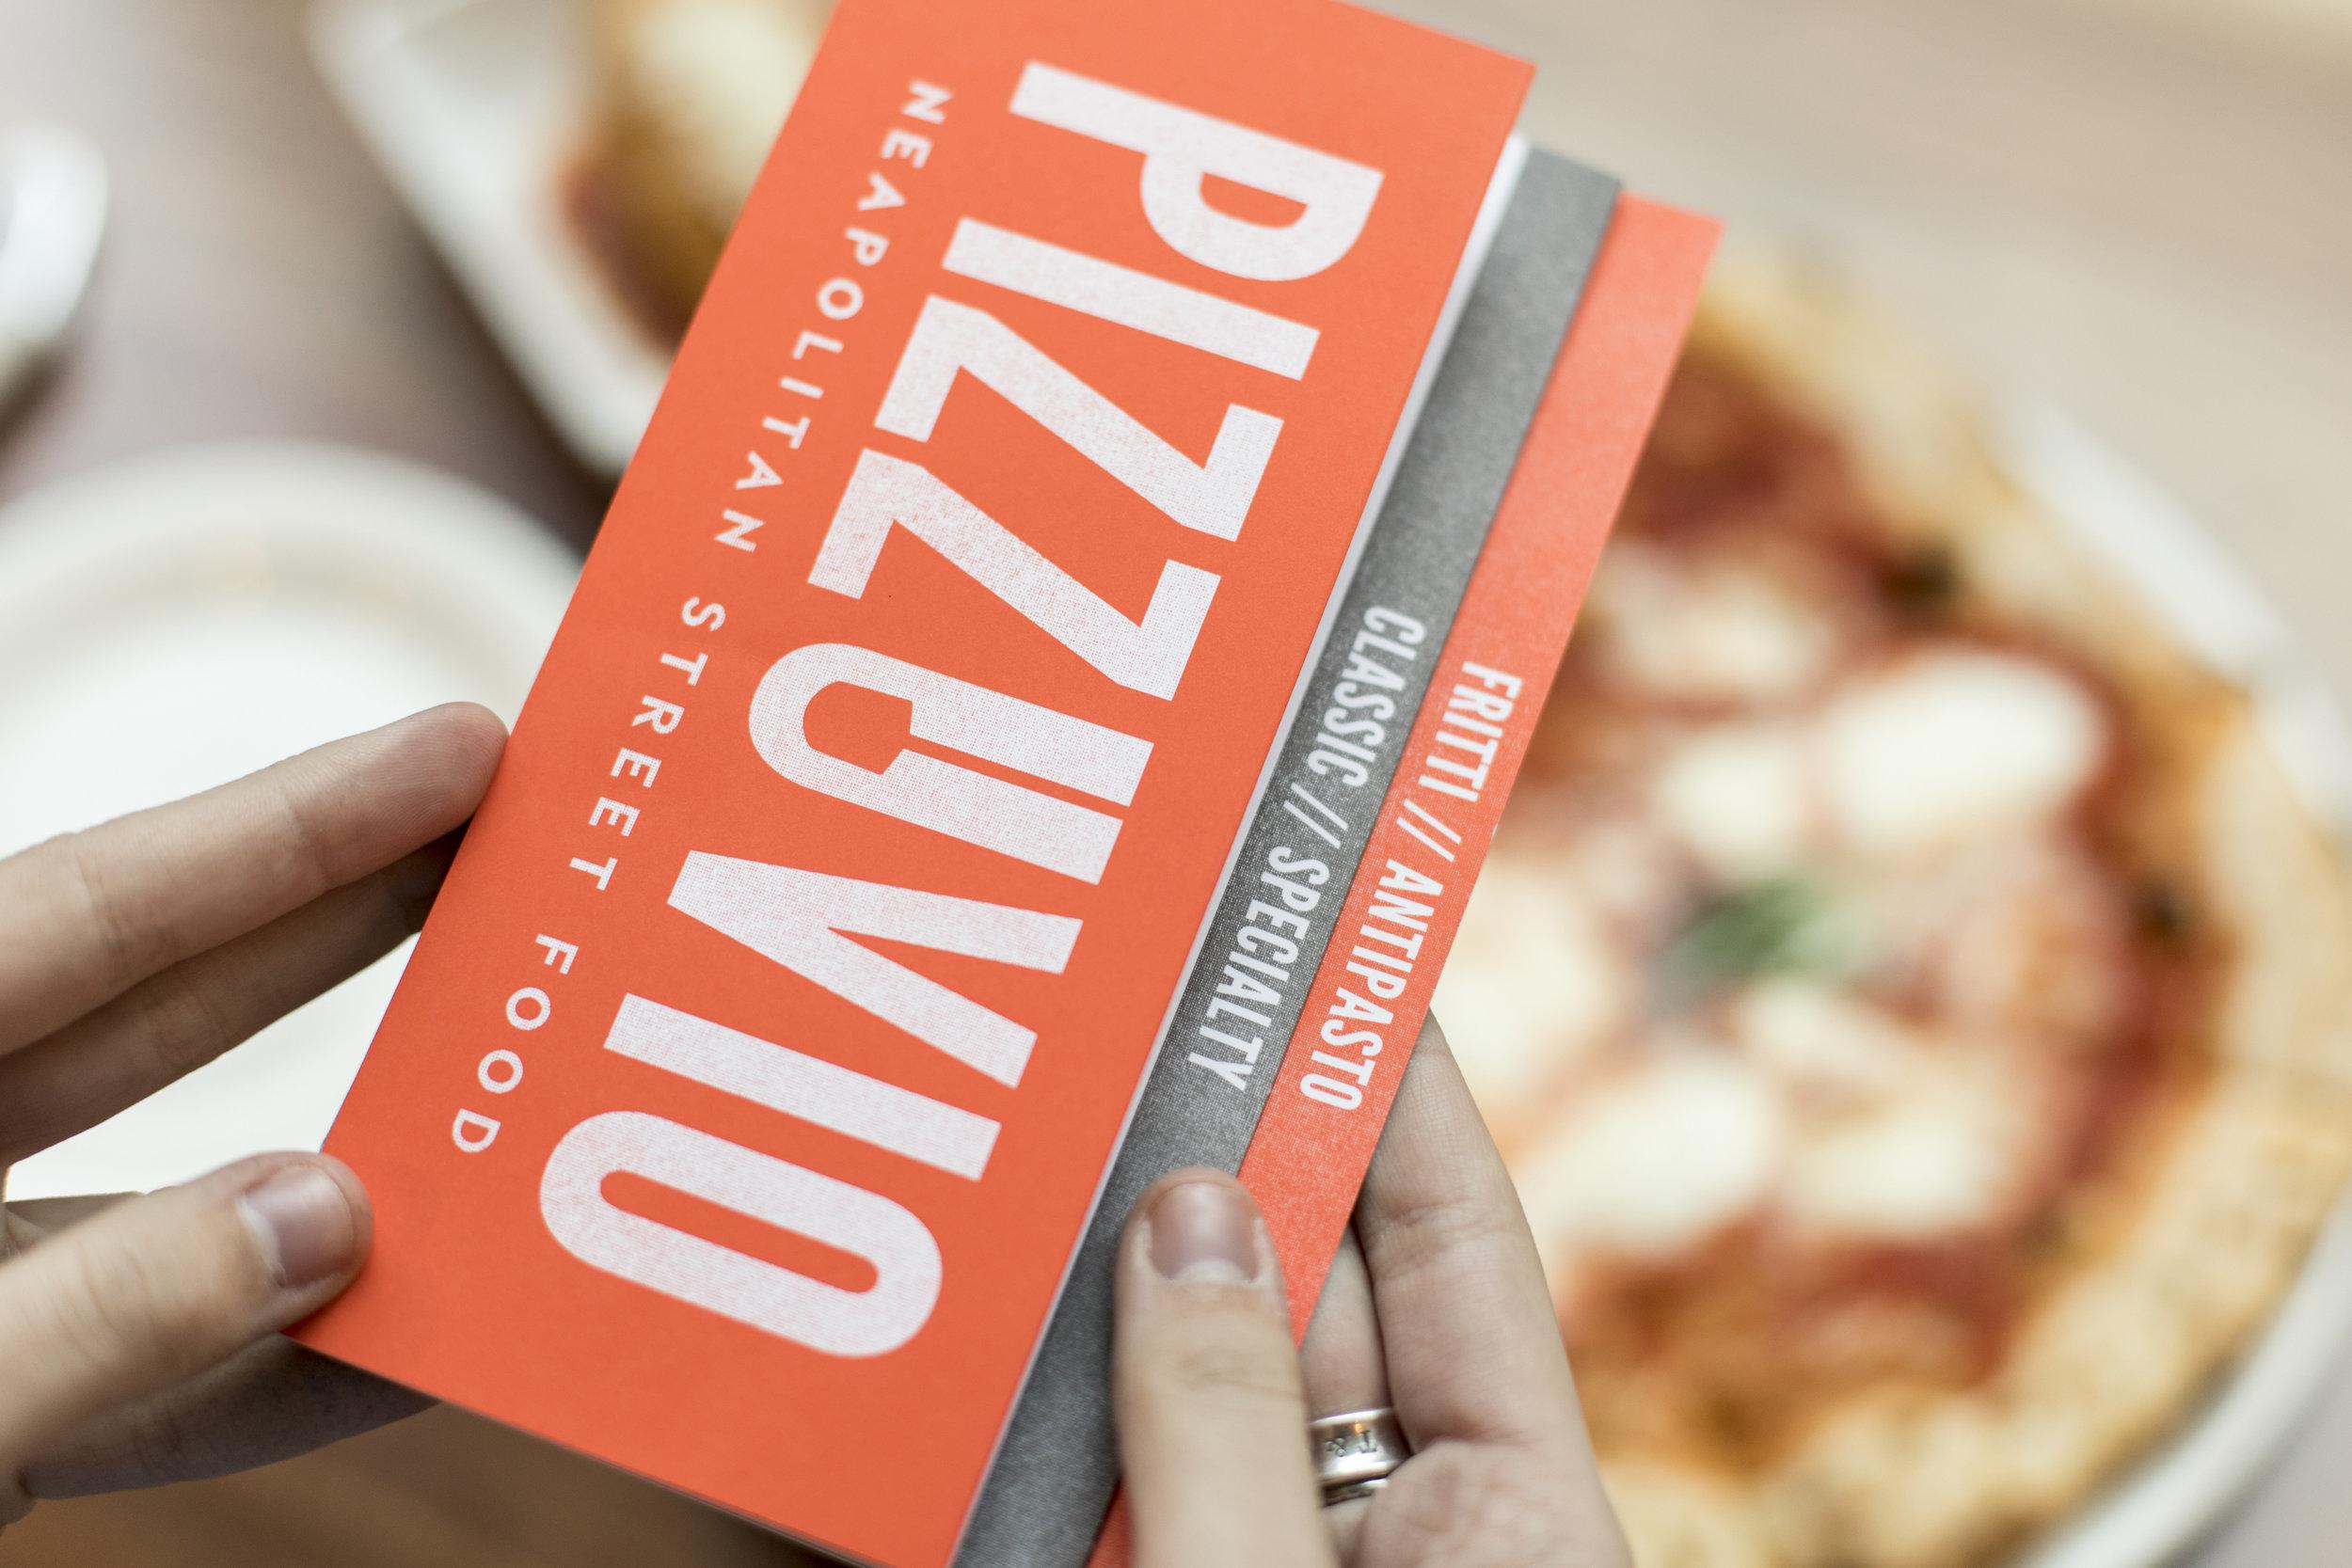 Pizzuvio-15.jpg